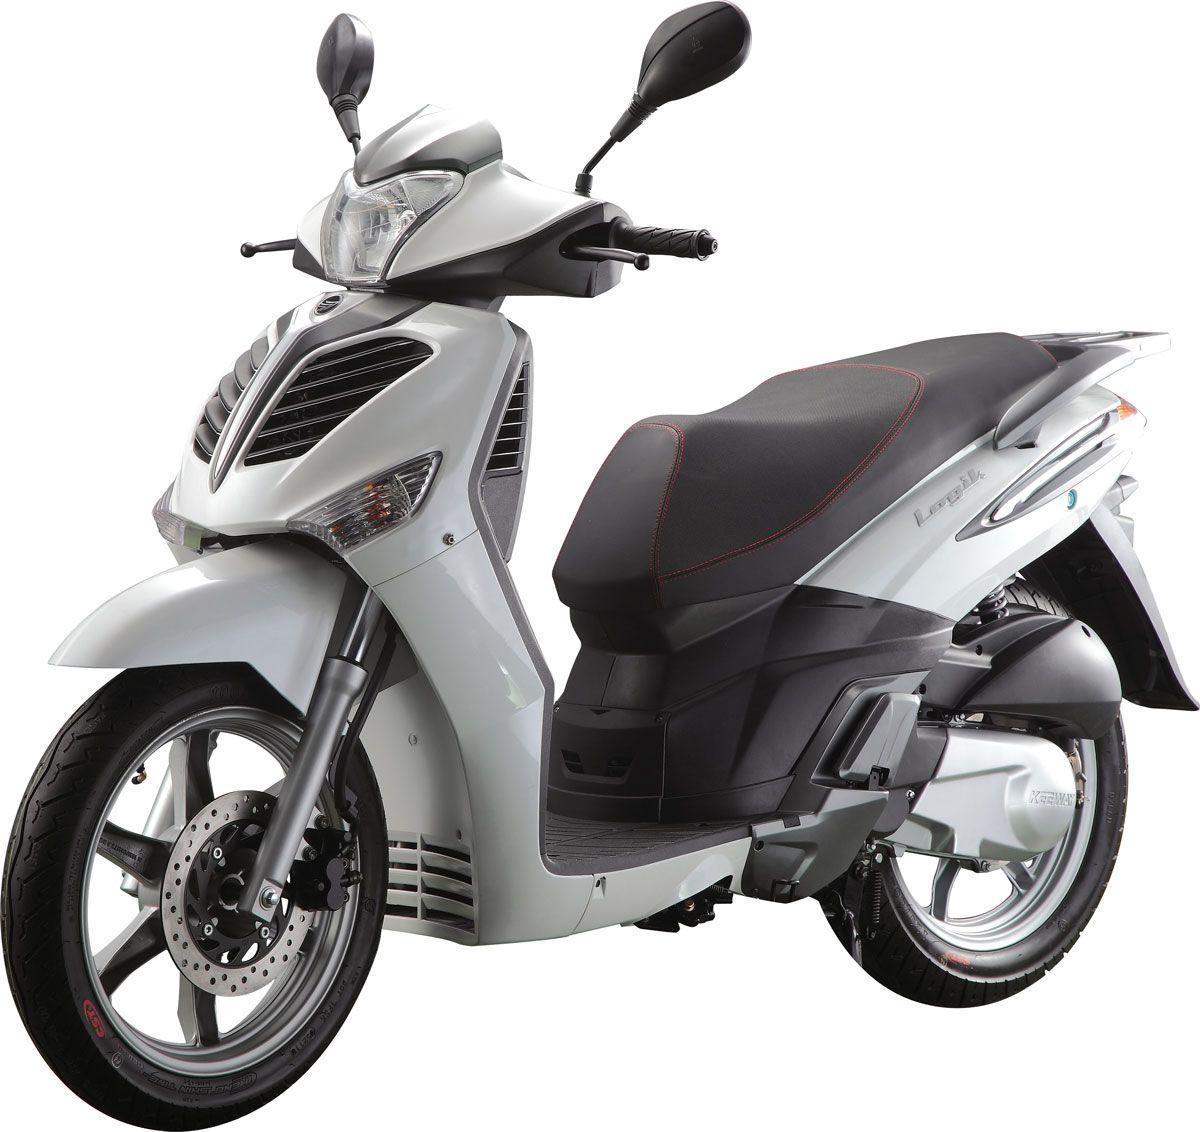 keeway logik 125 un grandes roues pour 2015 scooter 125 pinterest grande roue et roue. Black Bedroom Furniture Sets. Home Design Ideas